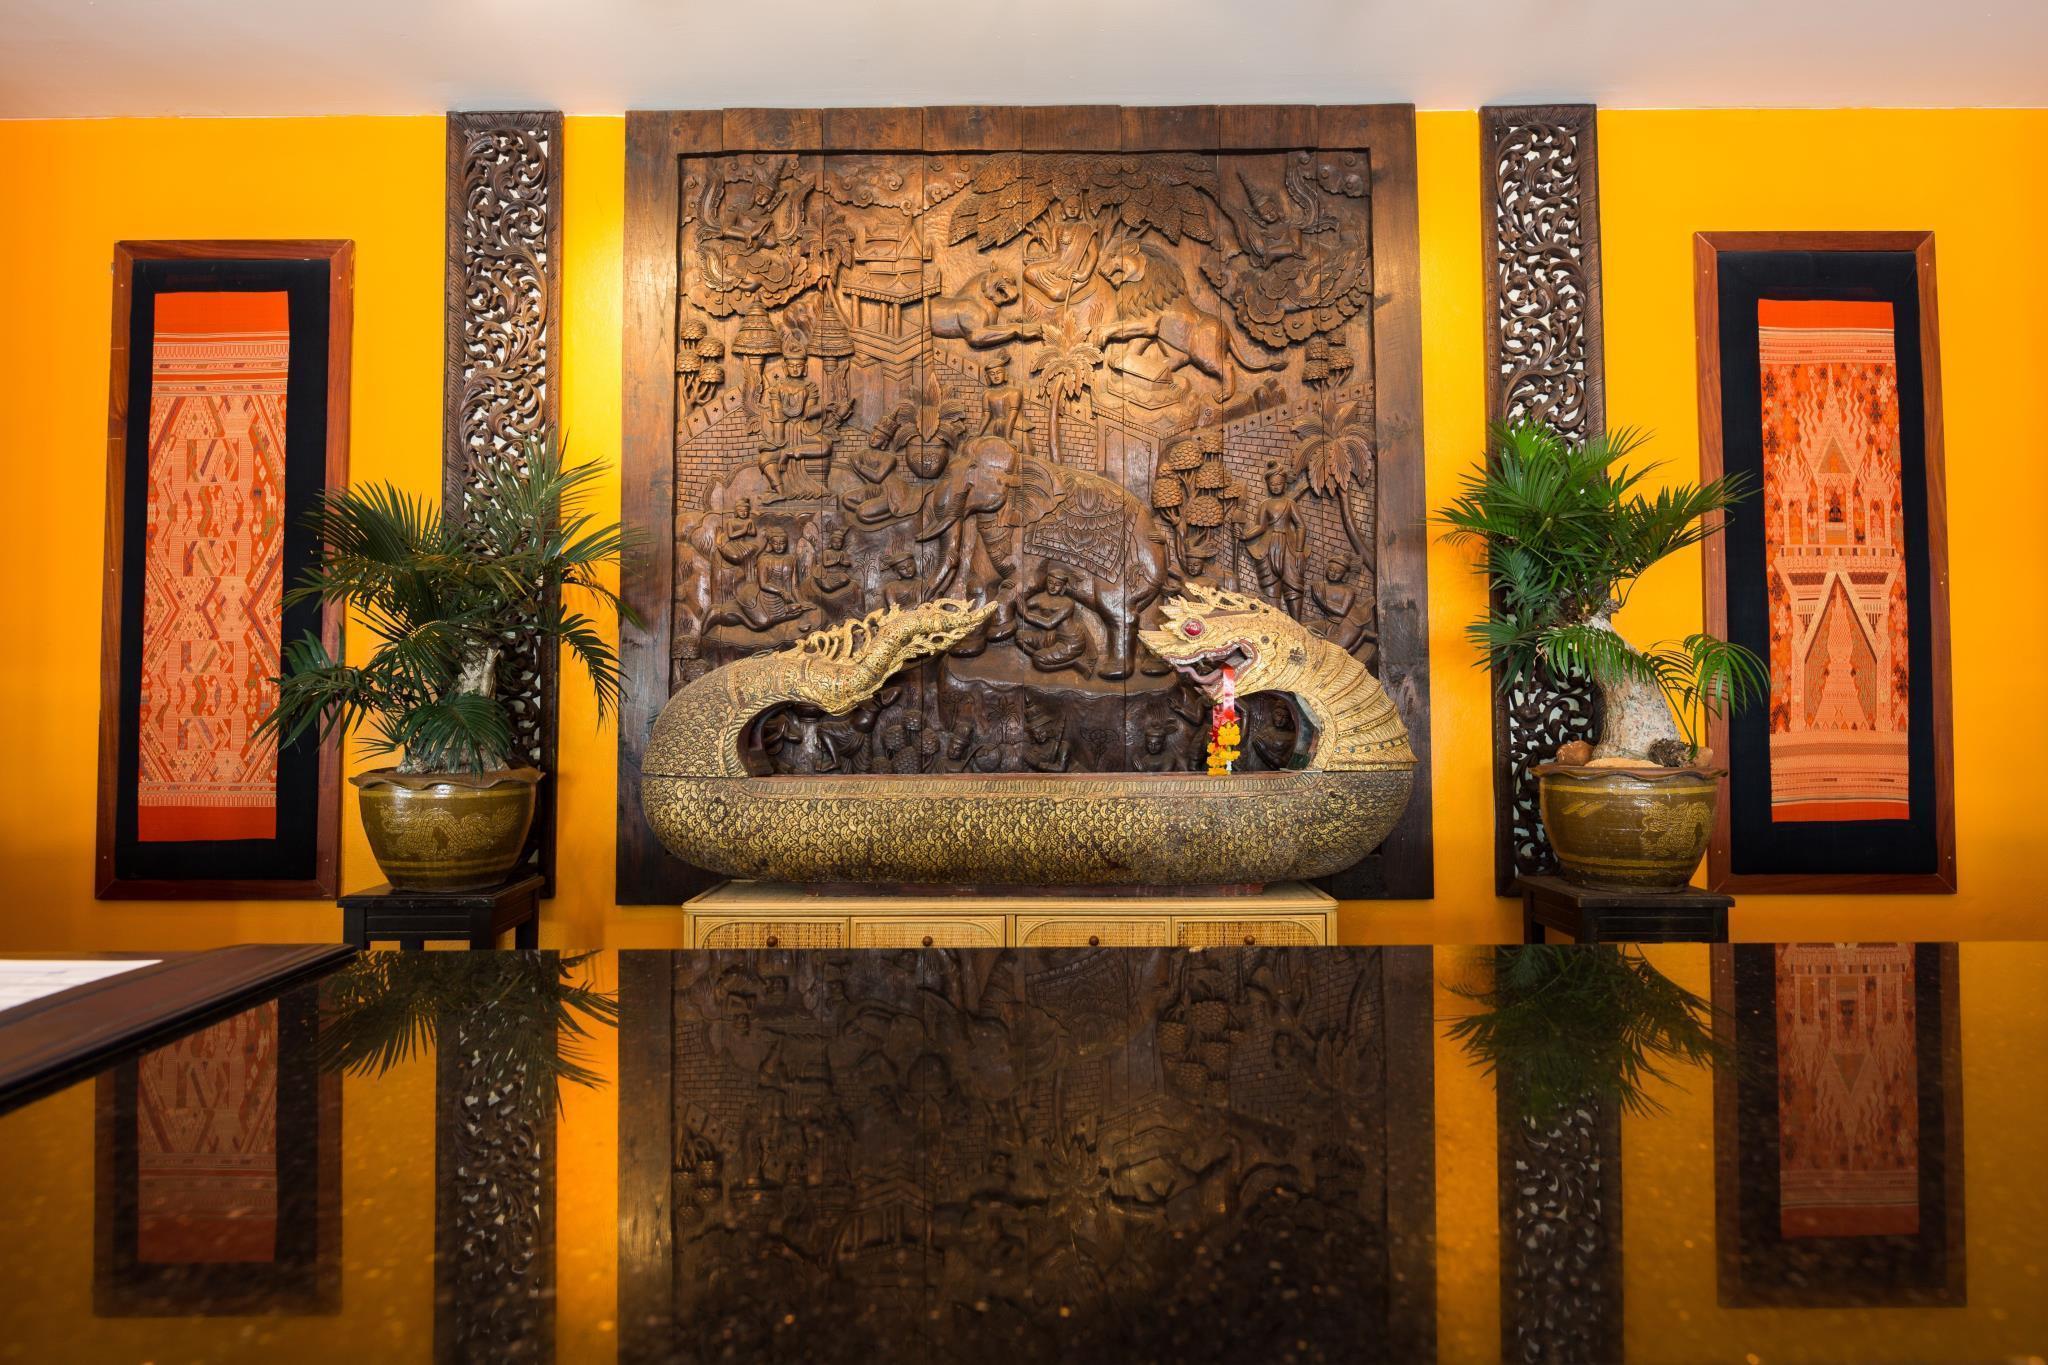 Pattawia Resort & Spa ปัตตาเวีย รีสอร์ท แอนด์ สปา